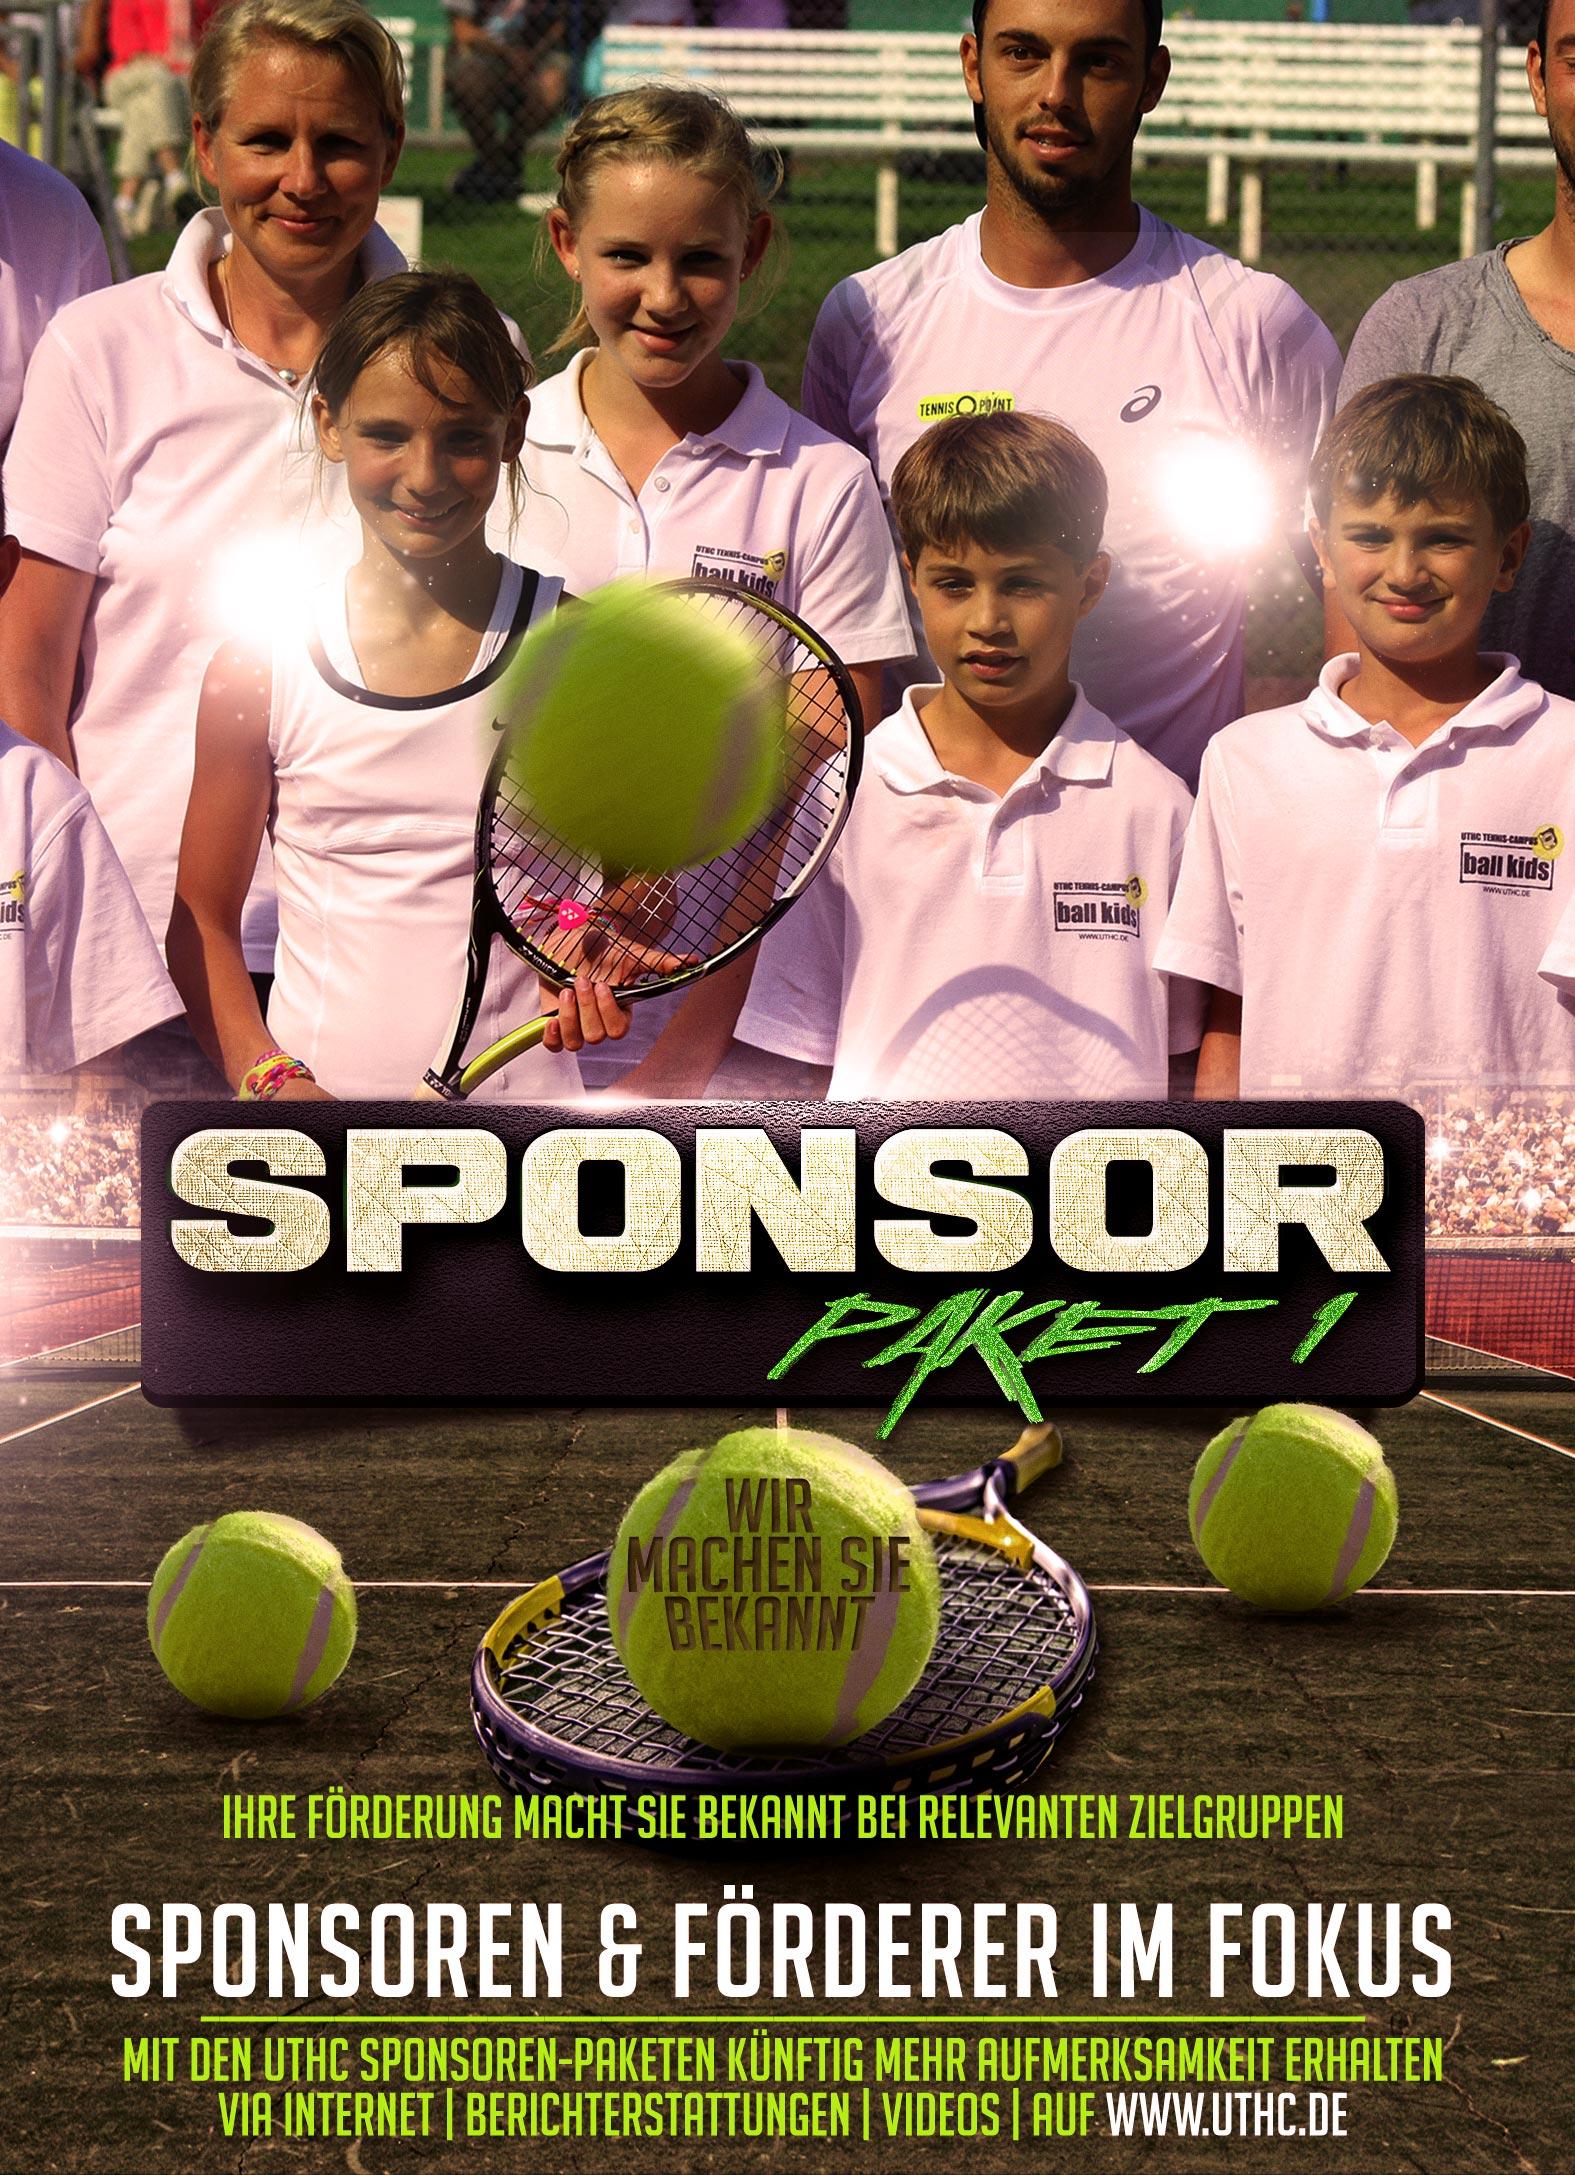 Tennis Sponsoren Paket 1